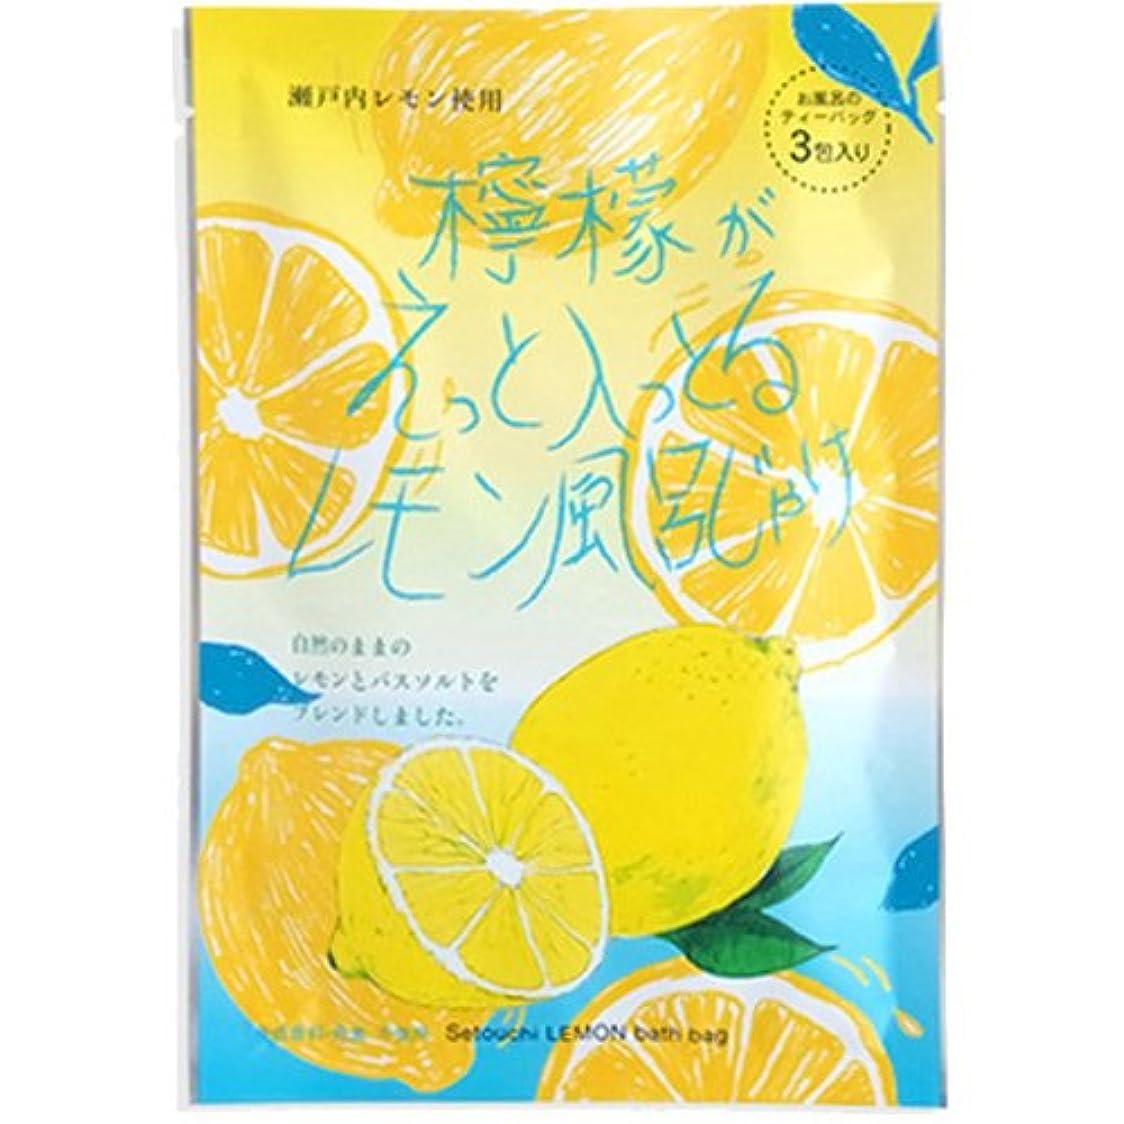 取り出す今日開発檸檬がえっと入っとるレモン風呂じゃけ